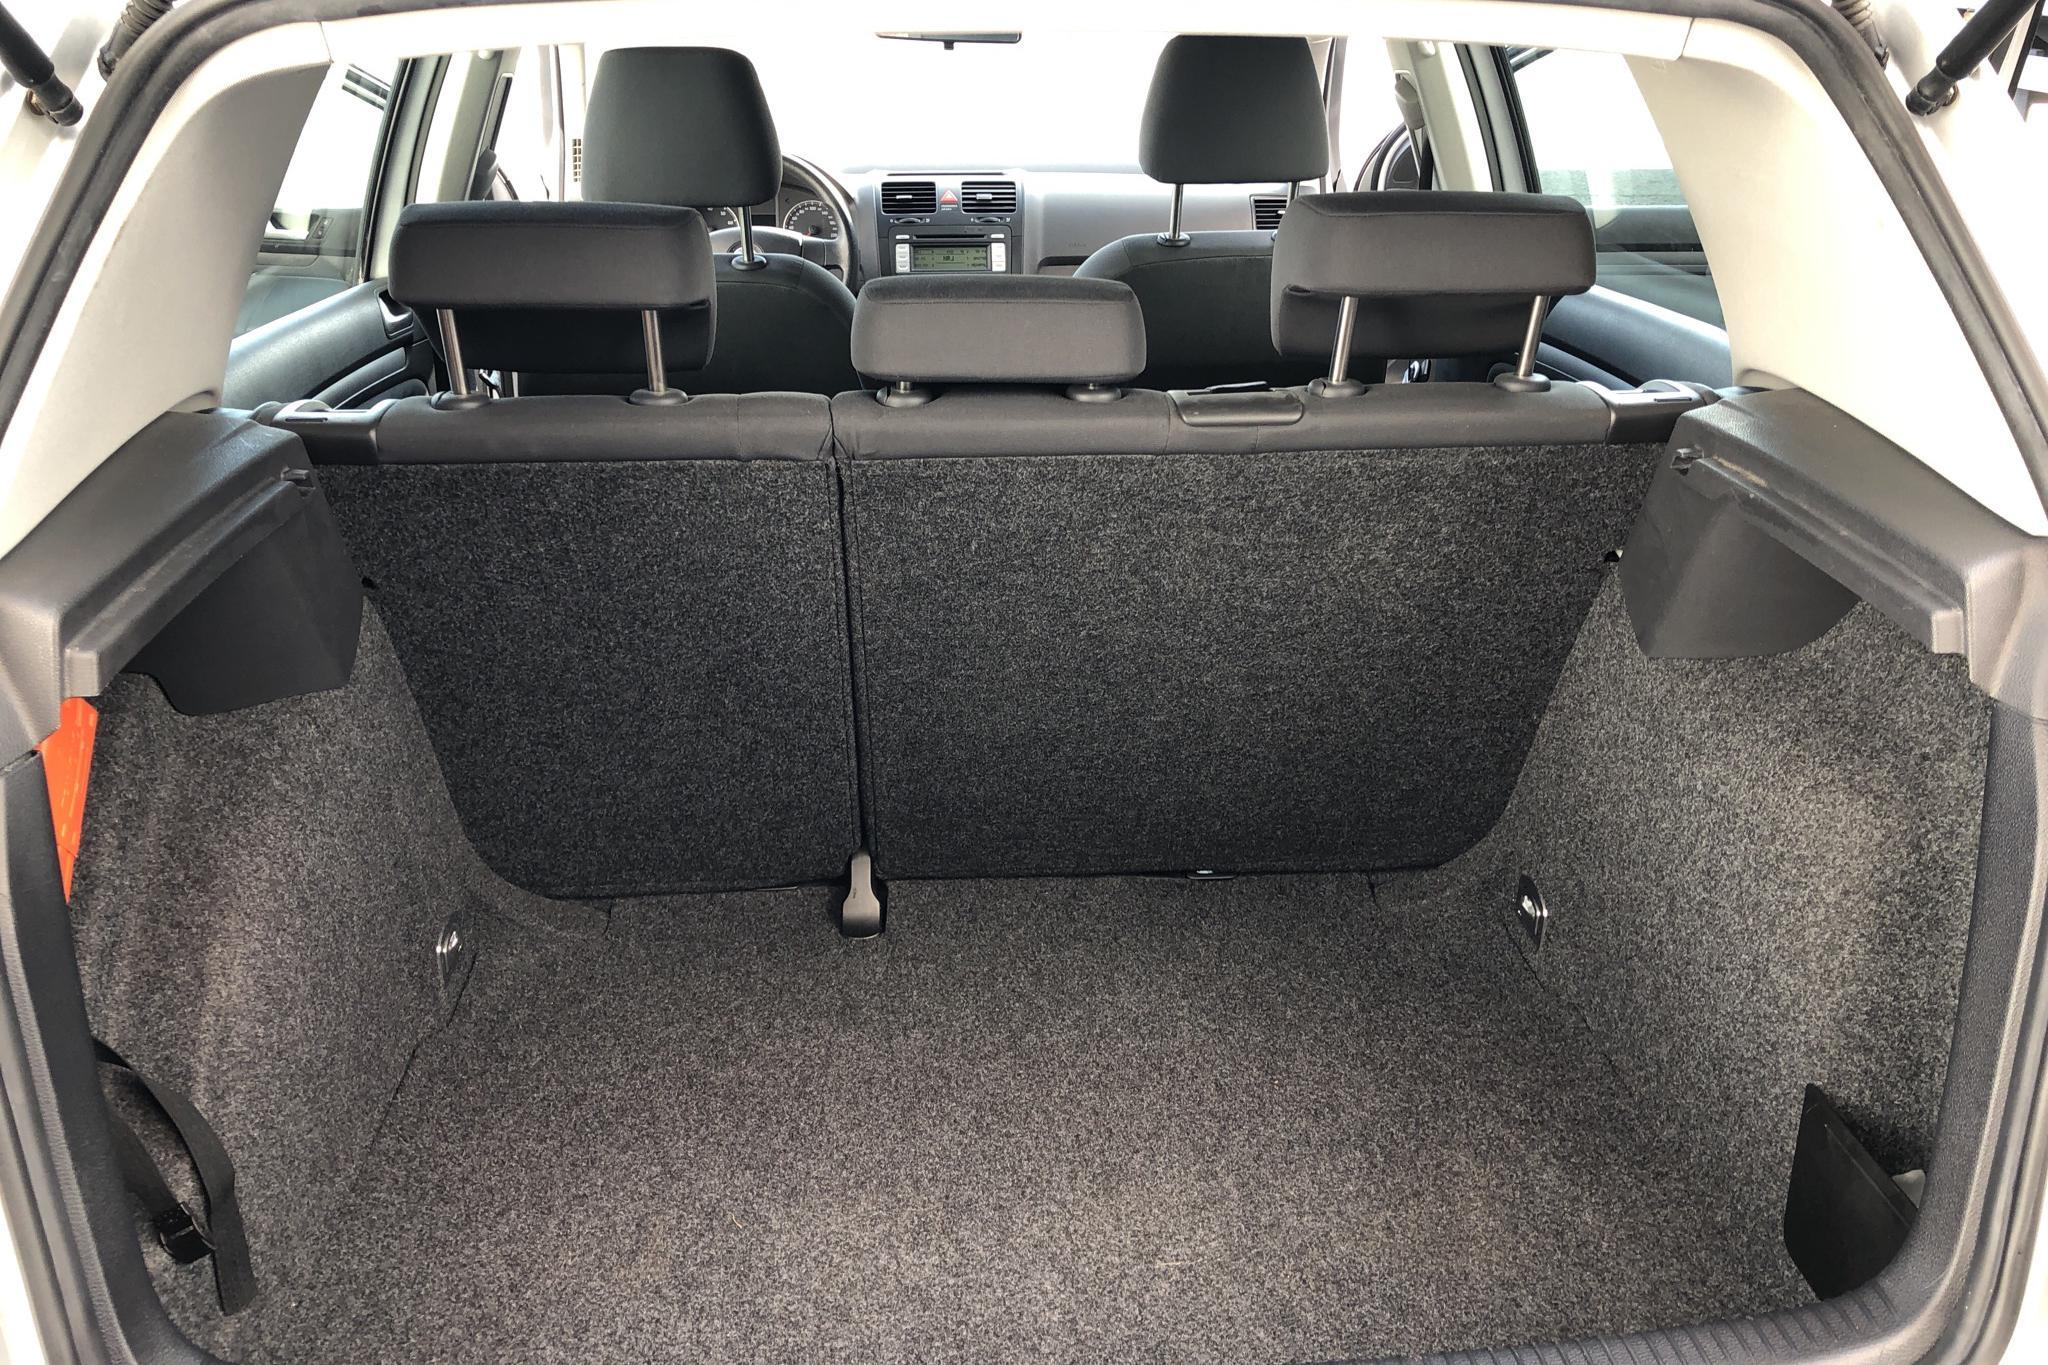 VW Golf A5 1.6 5dr (102hk) - 0 km - Manual - silver - 2007